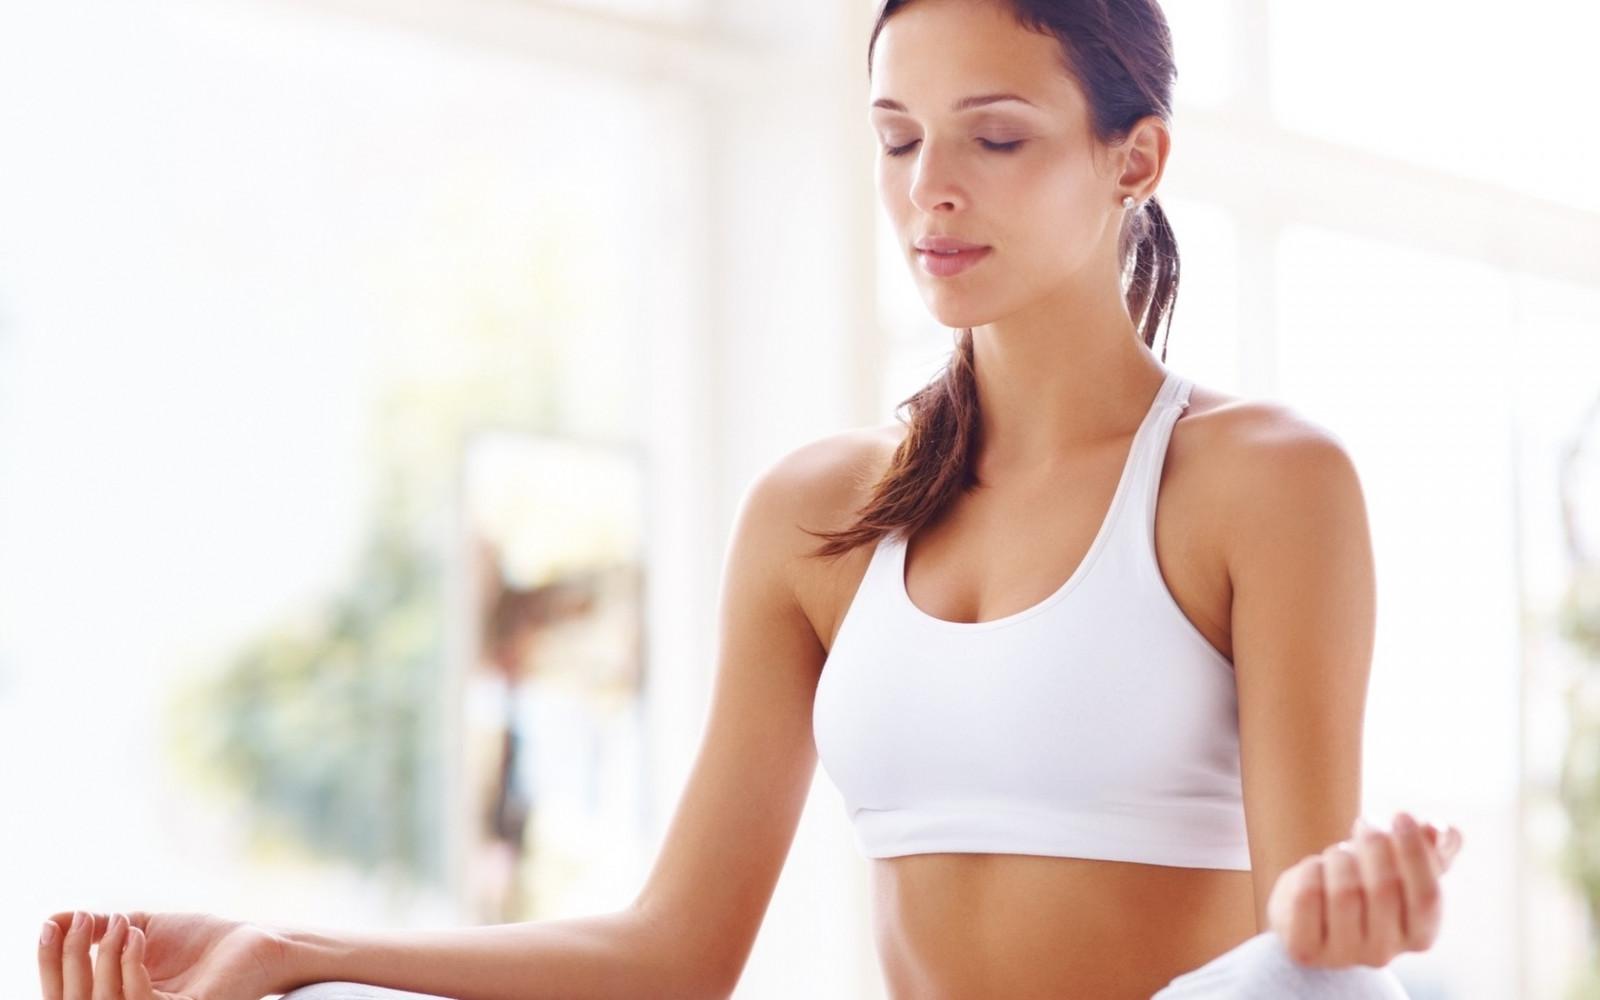 Дыхательный Спорт Для Похудения. Топ 7 методик дыхательной гимнастики для похудения живота